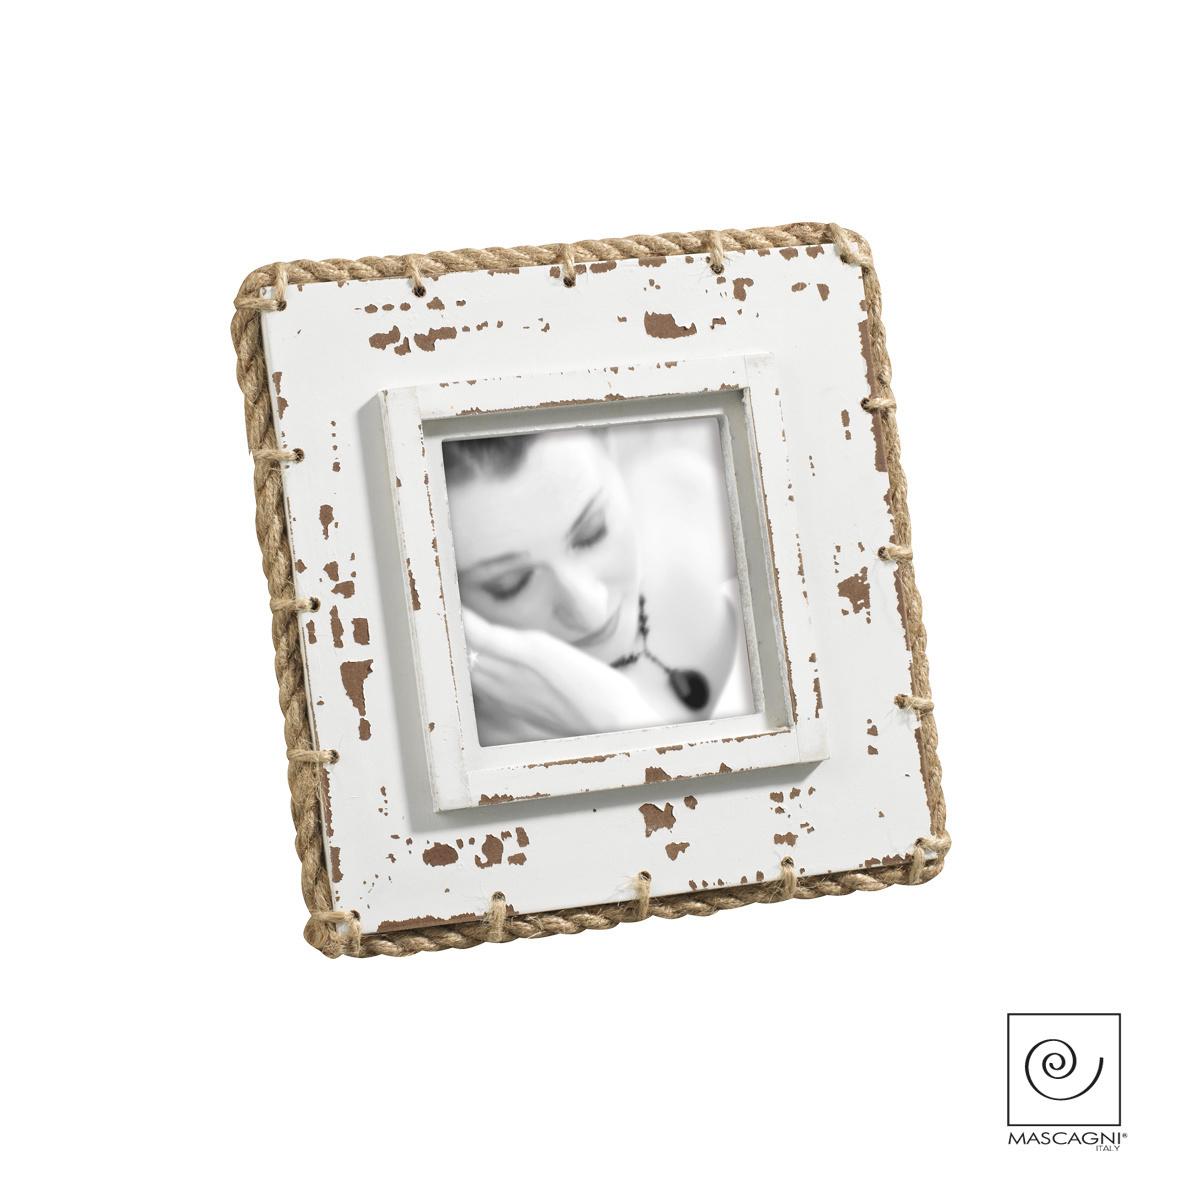 Art Mascagni A762 PHOTO FRAME 10X10 - COL. WHITE